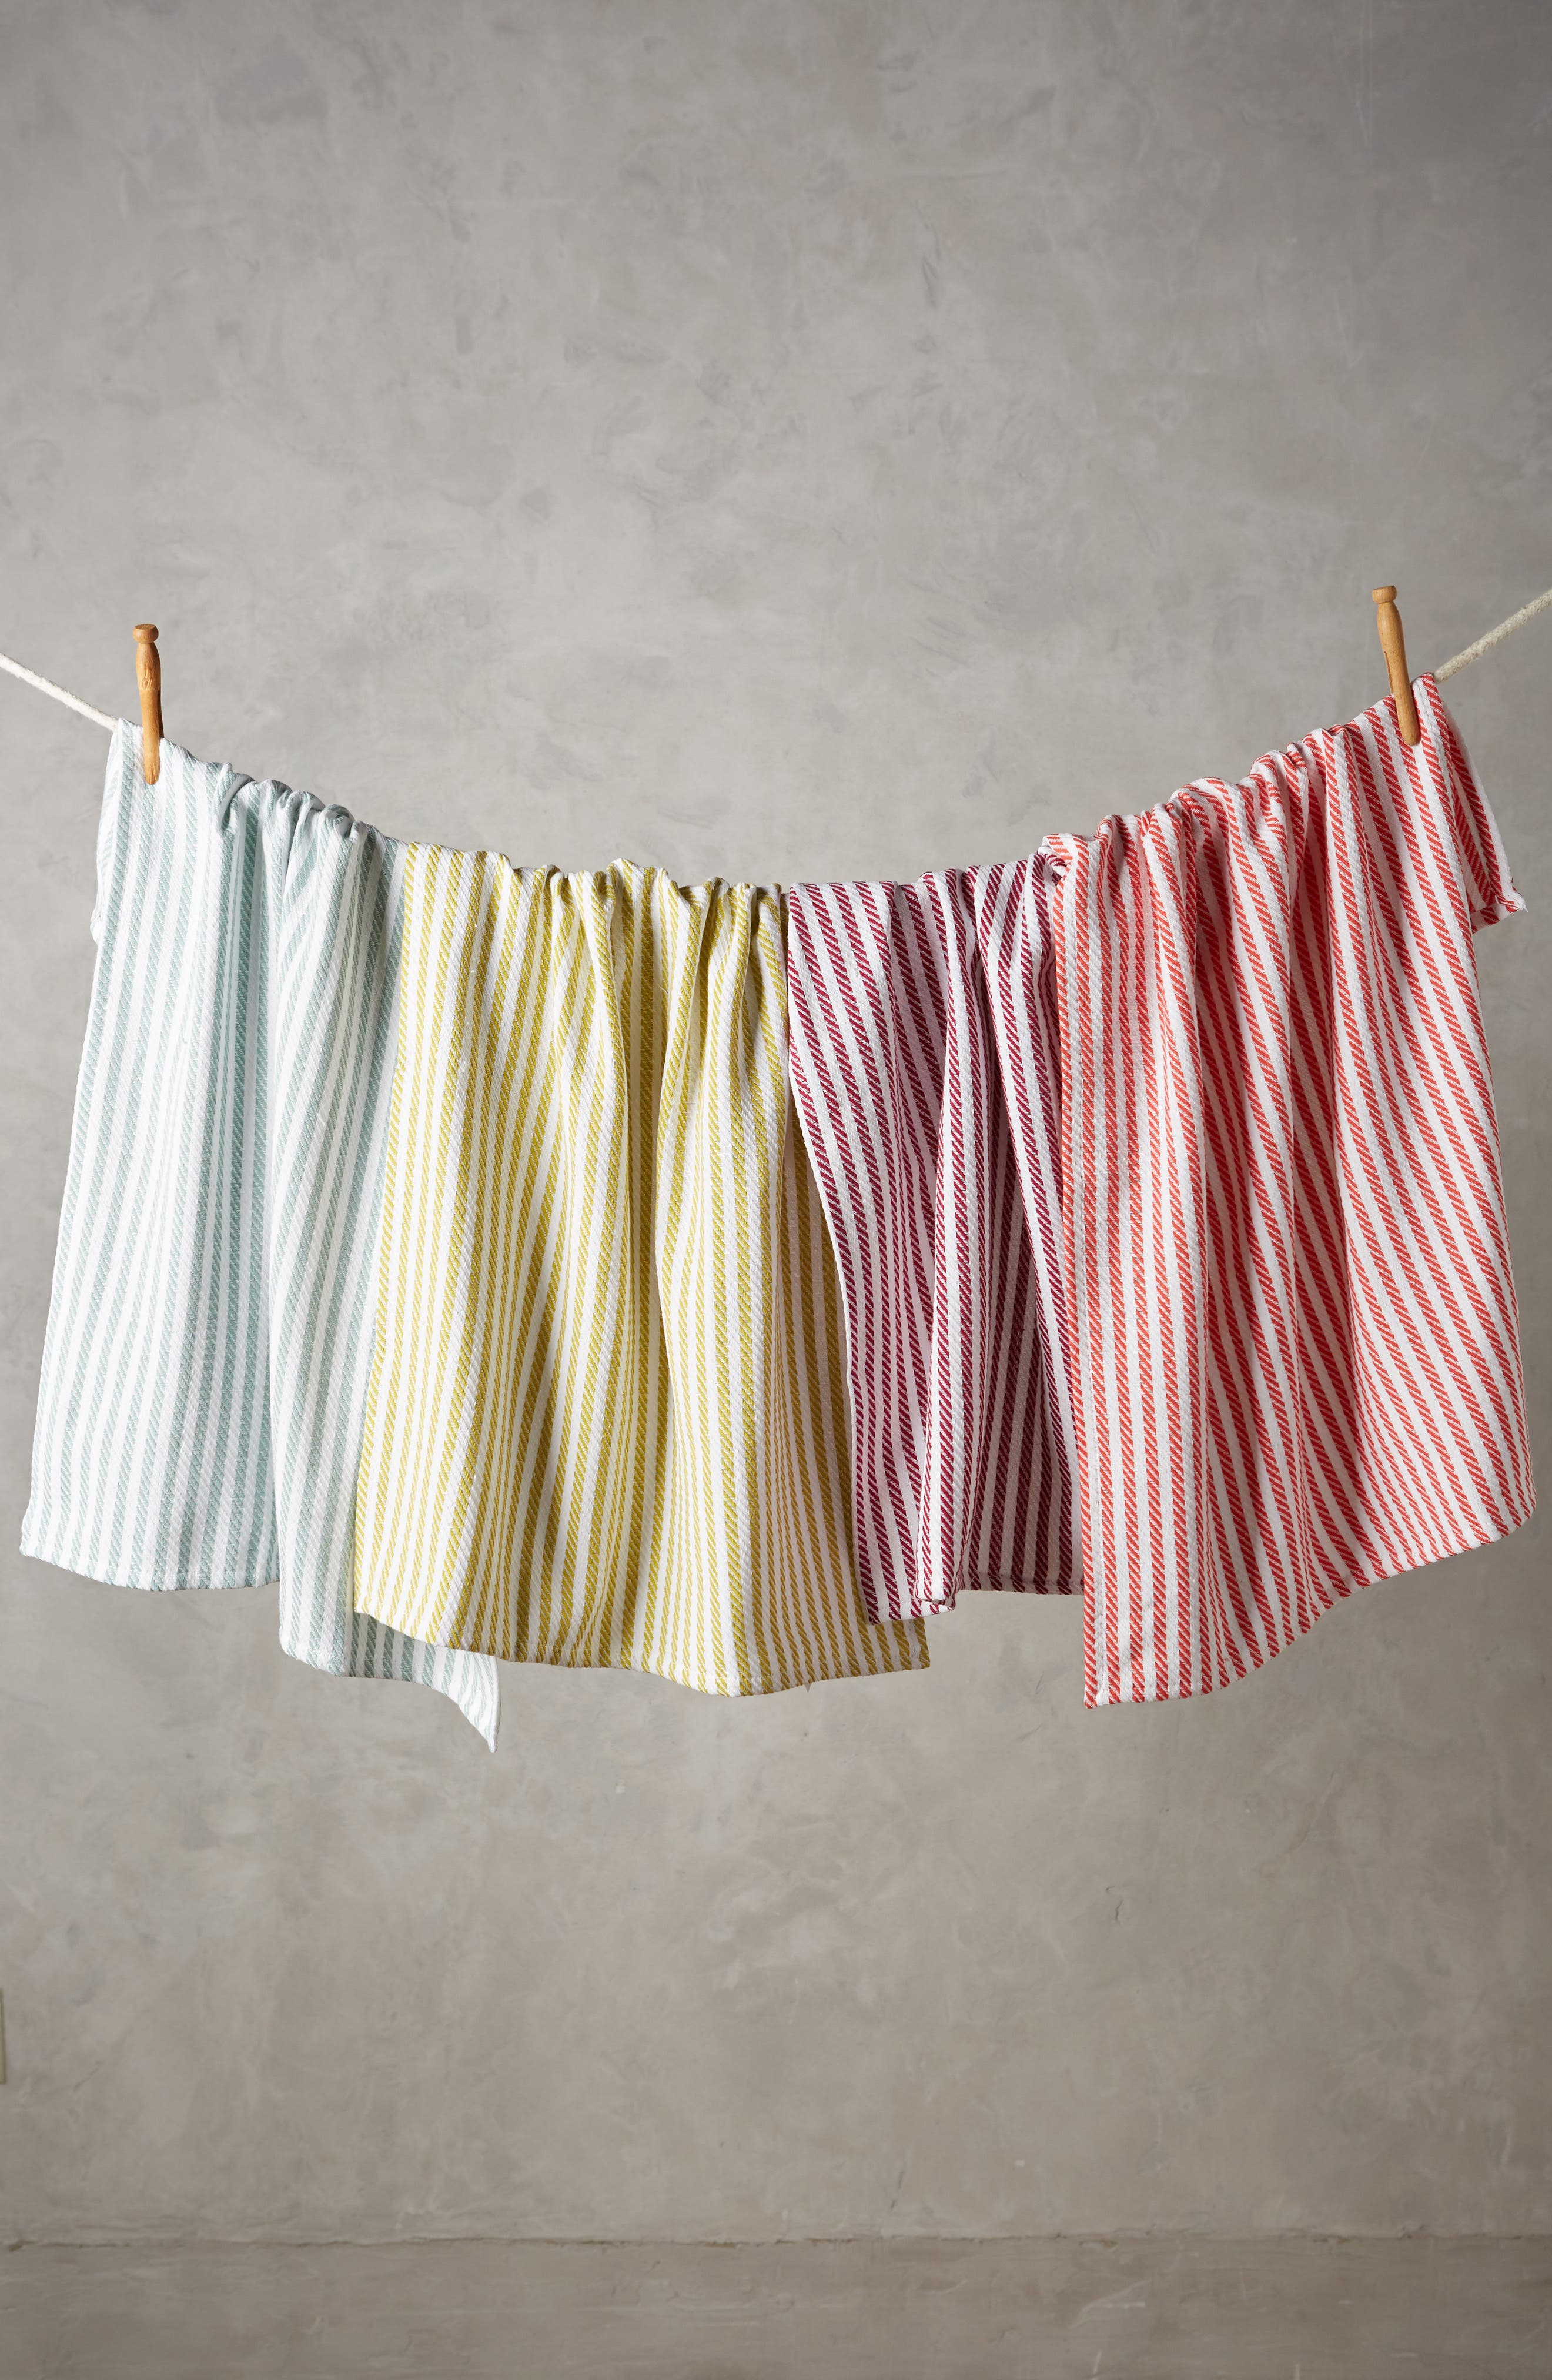 Baker Stripe Set of 4 Dishtowels,                             Main thumbnail 1, color,                             650